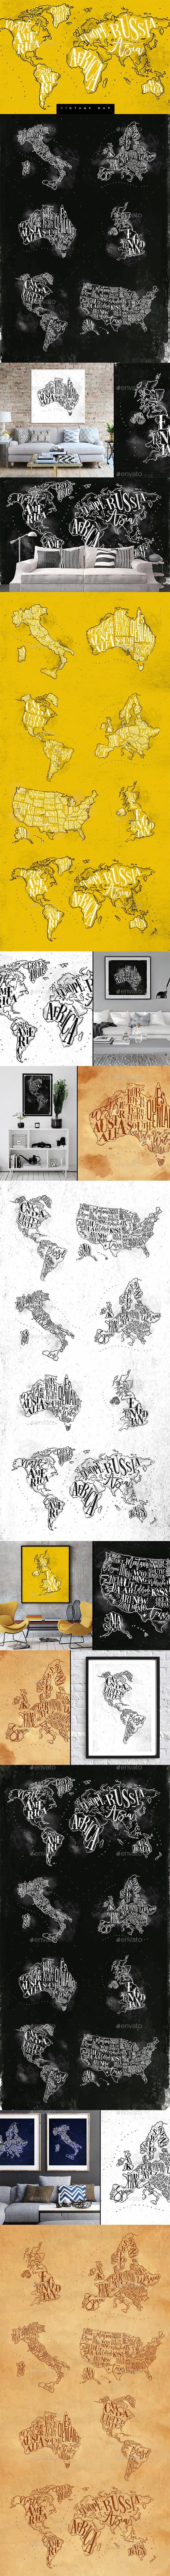 Vintage Maps - Travel Conceptual